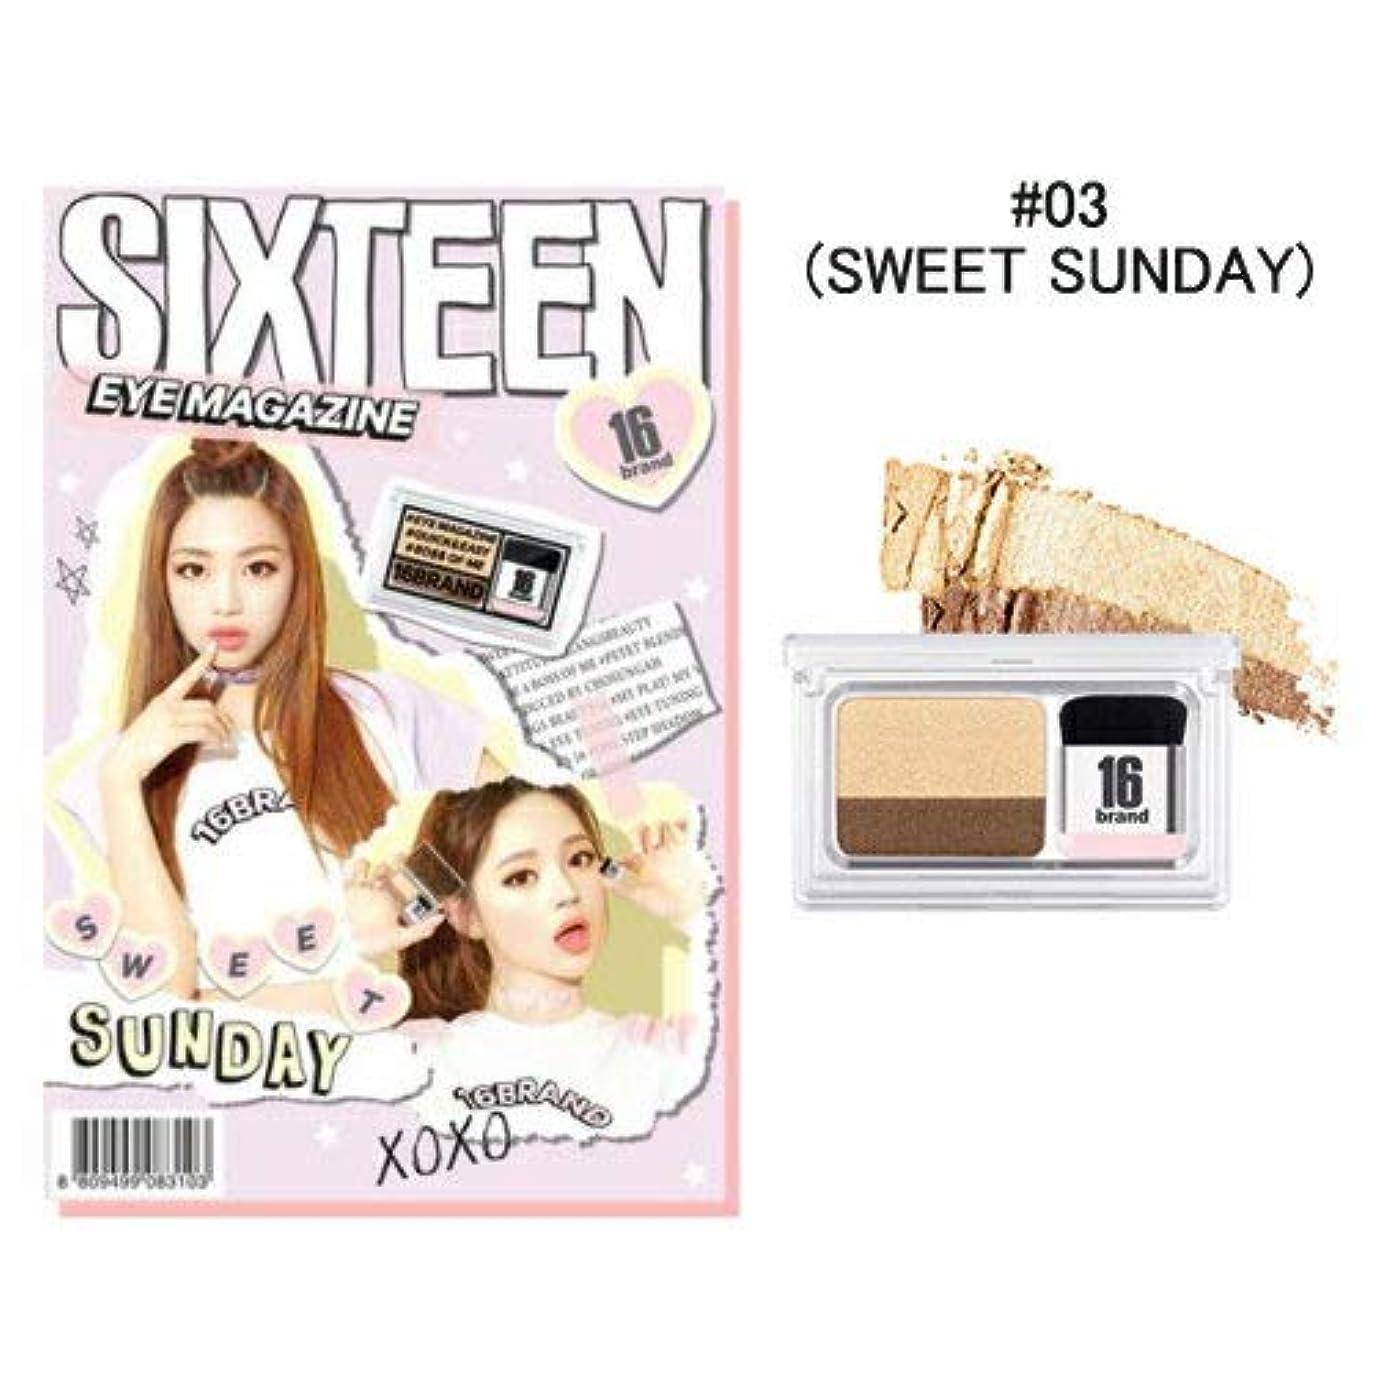 マーカー消費する困惑する[New Color] 16brand Sixteen Eye Magazine 2g /16ブランド シックスティーン アイ マガジン 2g (#03 SWEET SUNDAY) [並行輸入品]